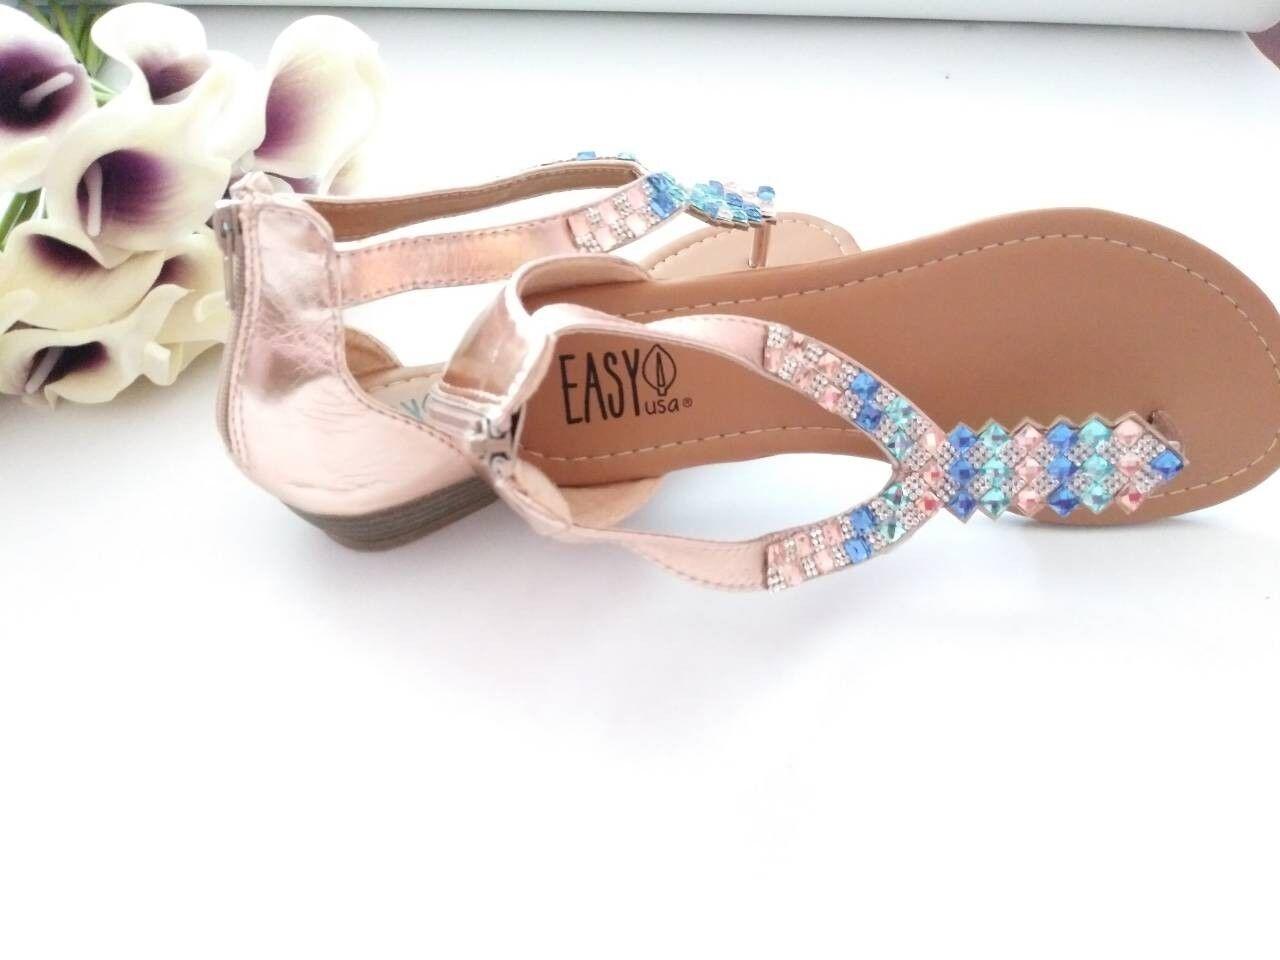 Womens Sandals aqua *Size 6* Rose Gold with aqua Sandals marine stones **CUTE** 6cca69